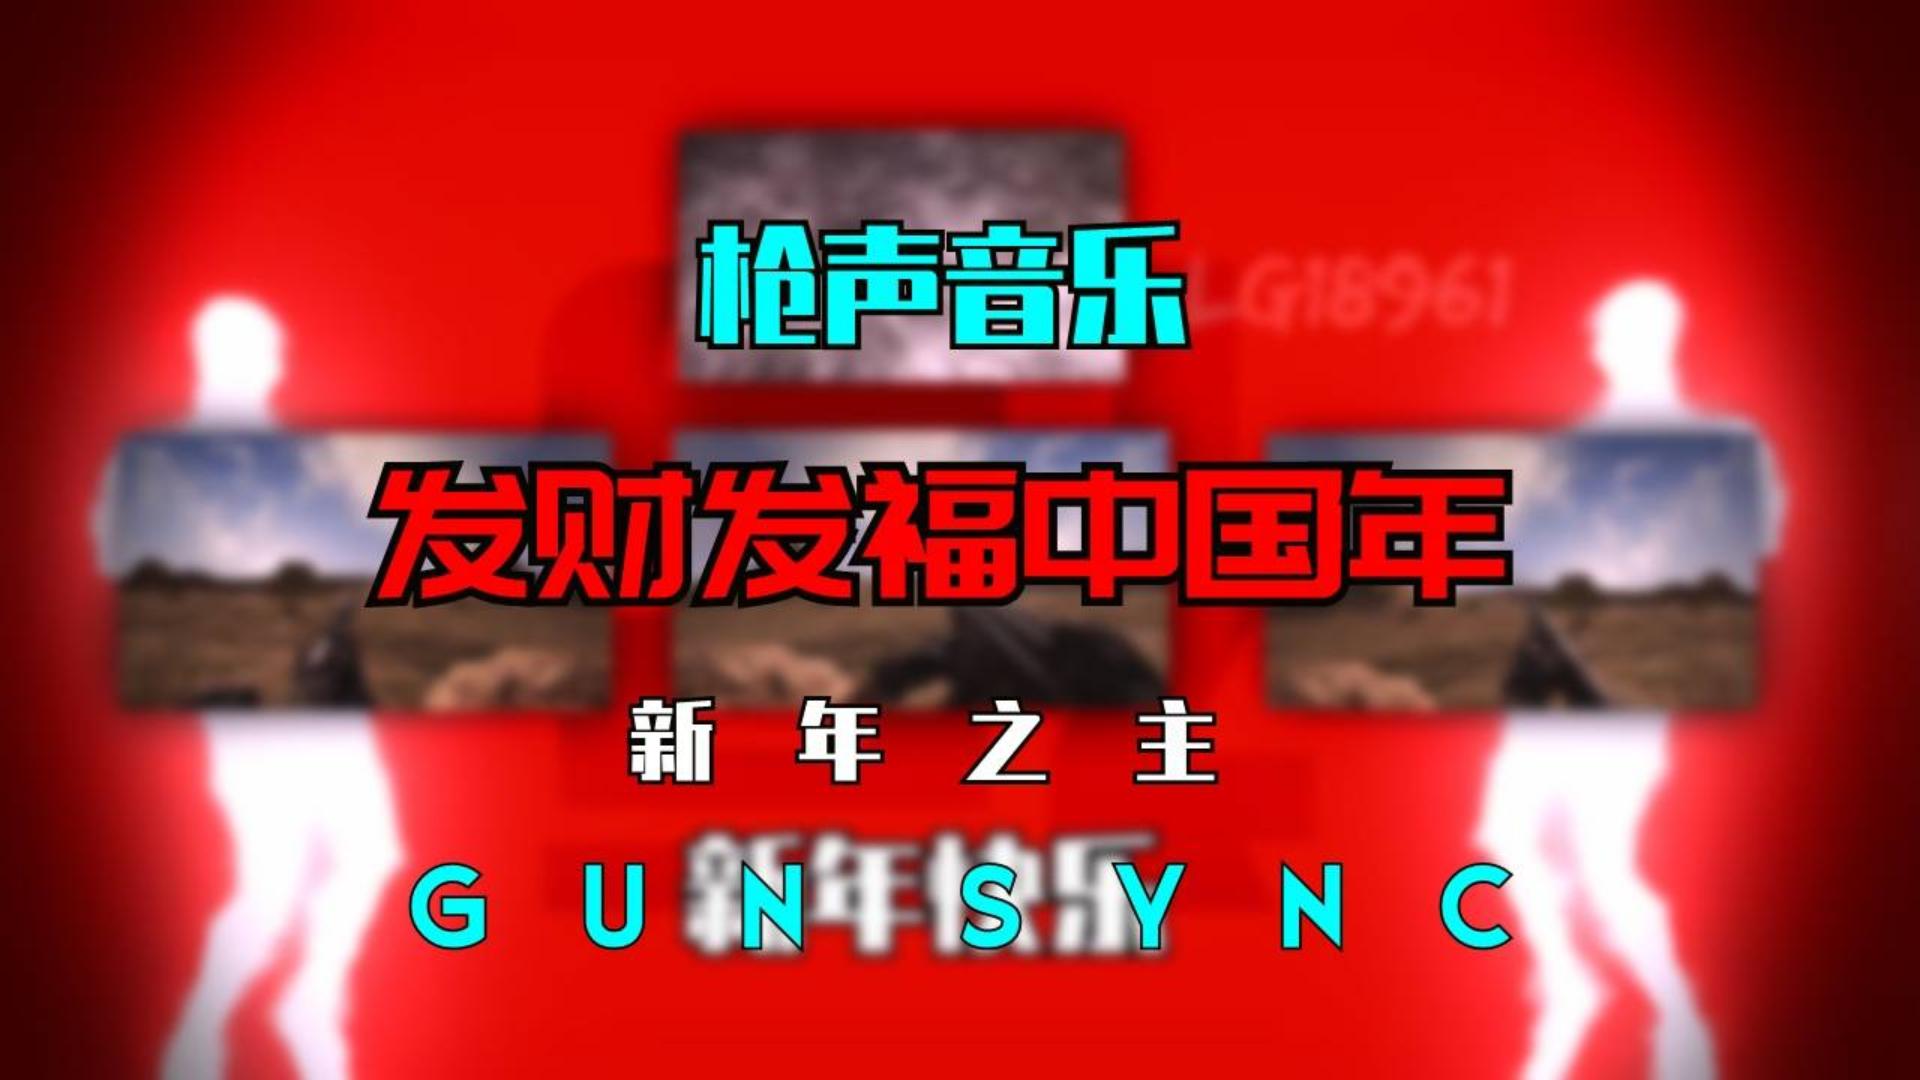 【枪声音乐】发财发福中国年[新年贺岁作/影 流 之 主]